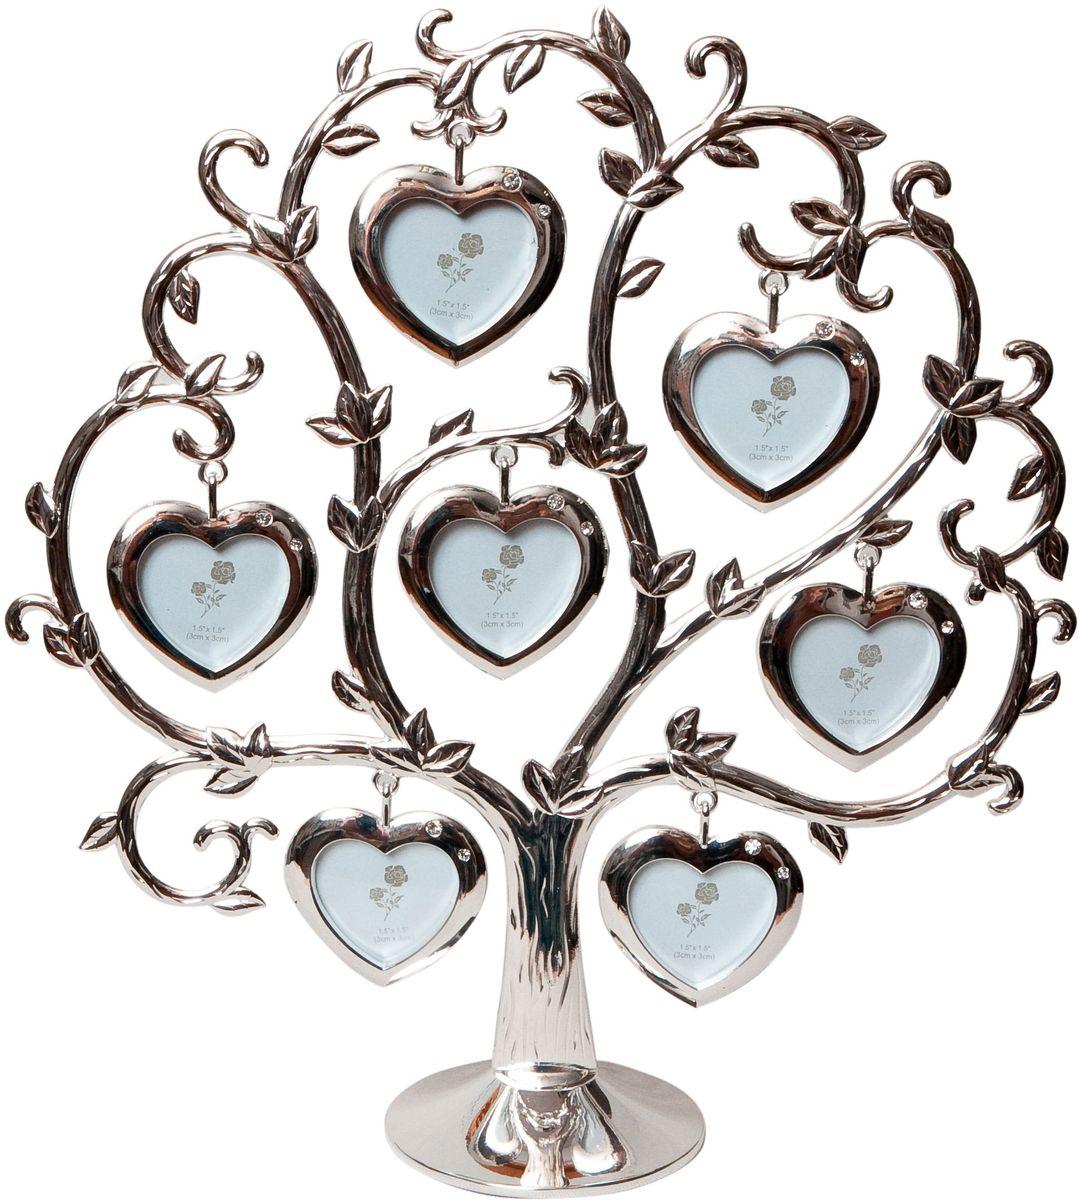 Фоторамка Platinum Дерево. Сердца, цвет: светло-серый, на 7 фото, 4 x 4 см. PF9460CS7 фоторамок на дереве PF9460CSДекоративная фоторамка Platinum Дерево. Сердца выполнена из металла. На подставку в виде деревца подвешиваются семь рамочек в форме сердец, украшенных стразами. Изысканная и эффектная, эта потрясающая рамочка покорит своей красотой и изумительным качеством исполнения. Фоторамка Platinum Дерево. Сердца не только украсит интерьер помещения, но и поможет разместить фото всей вашей семьи. Высота фоторамки: 25 см. Фоторамка подходит для фотографий 4 х 4 см. Общий размер фоторамки: 24 х 5 х 25 см.